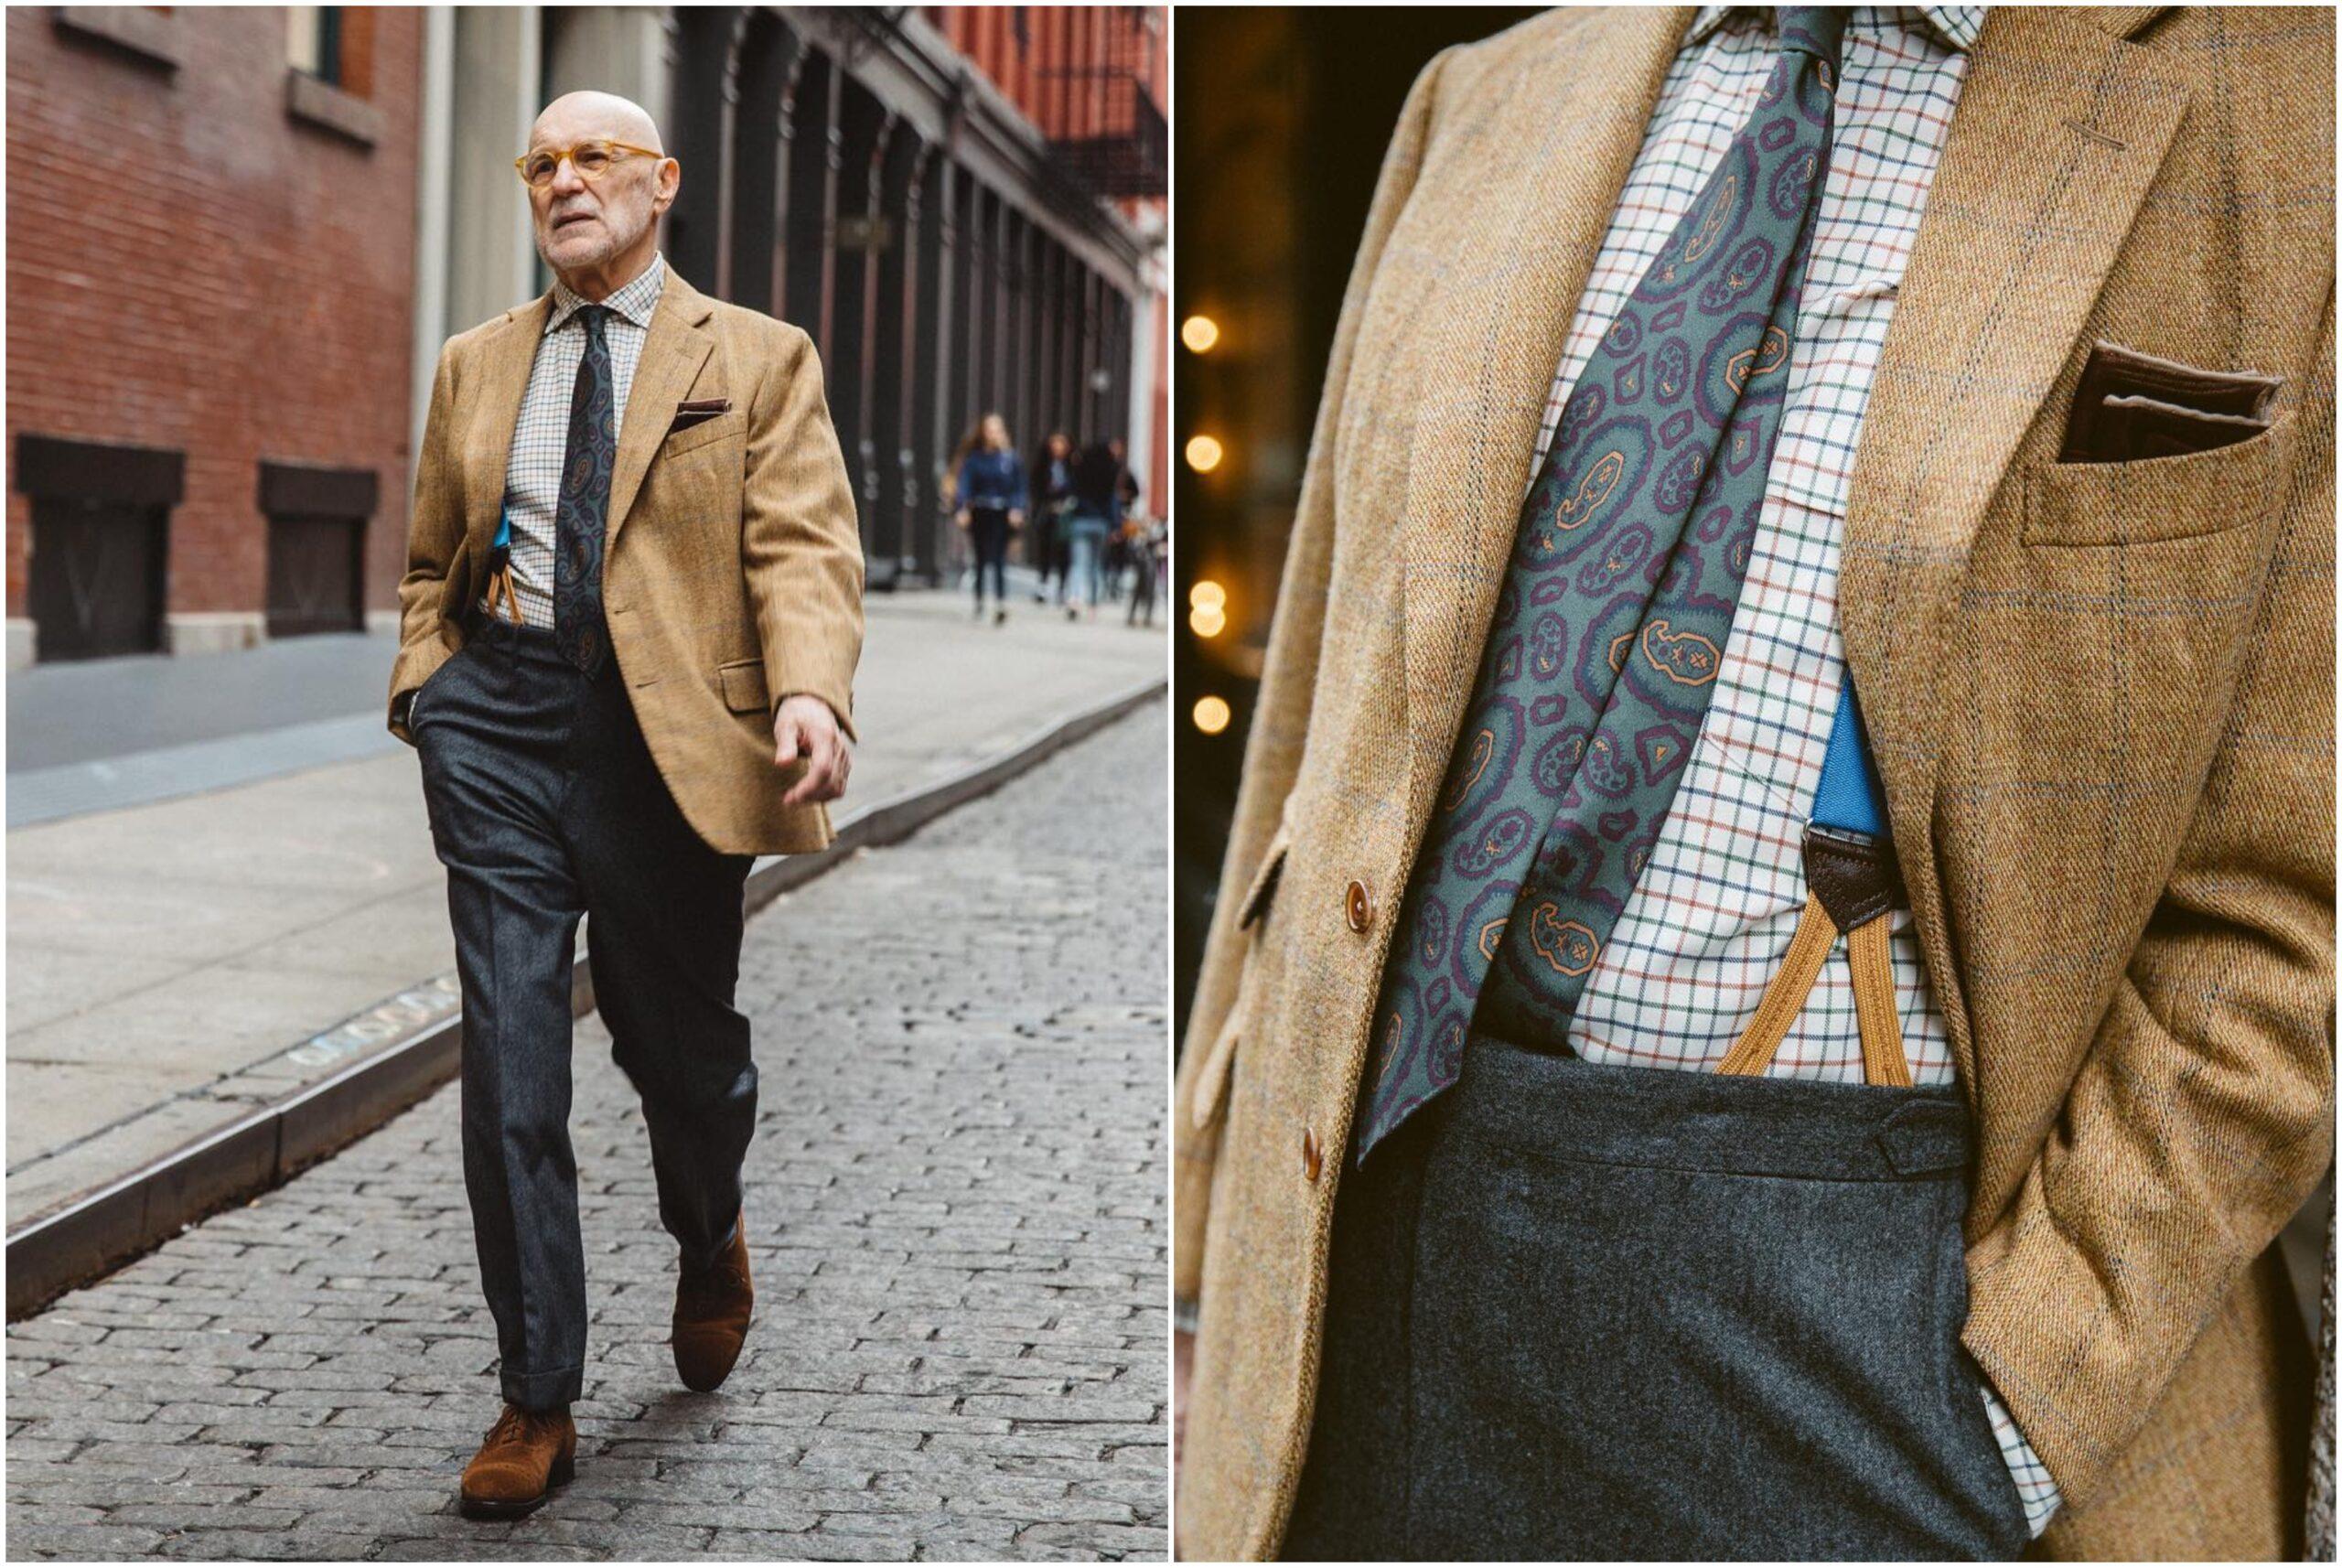 Choix judicieux des matières (tweed, flanelle, veau velours) et des couleurs (tons beiges et gris) : la tenue est parfaitement cohérente. Source : Bruce Boyer, Drake's.